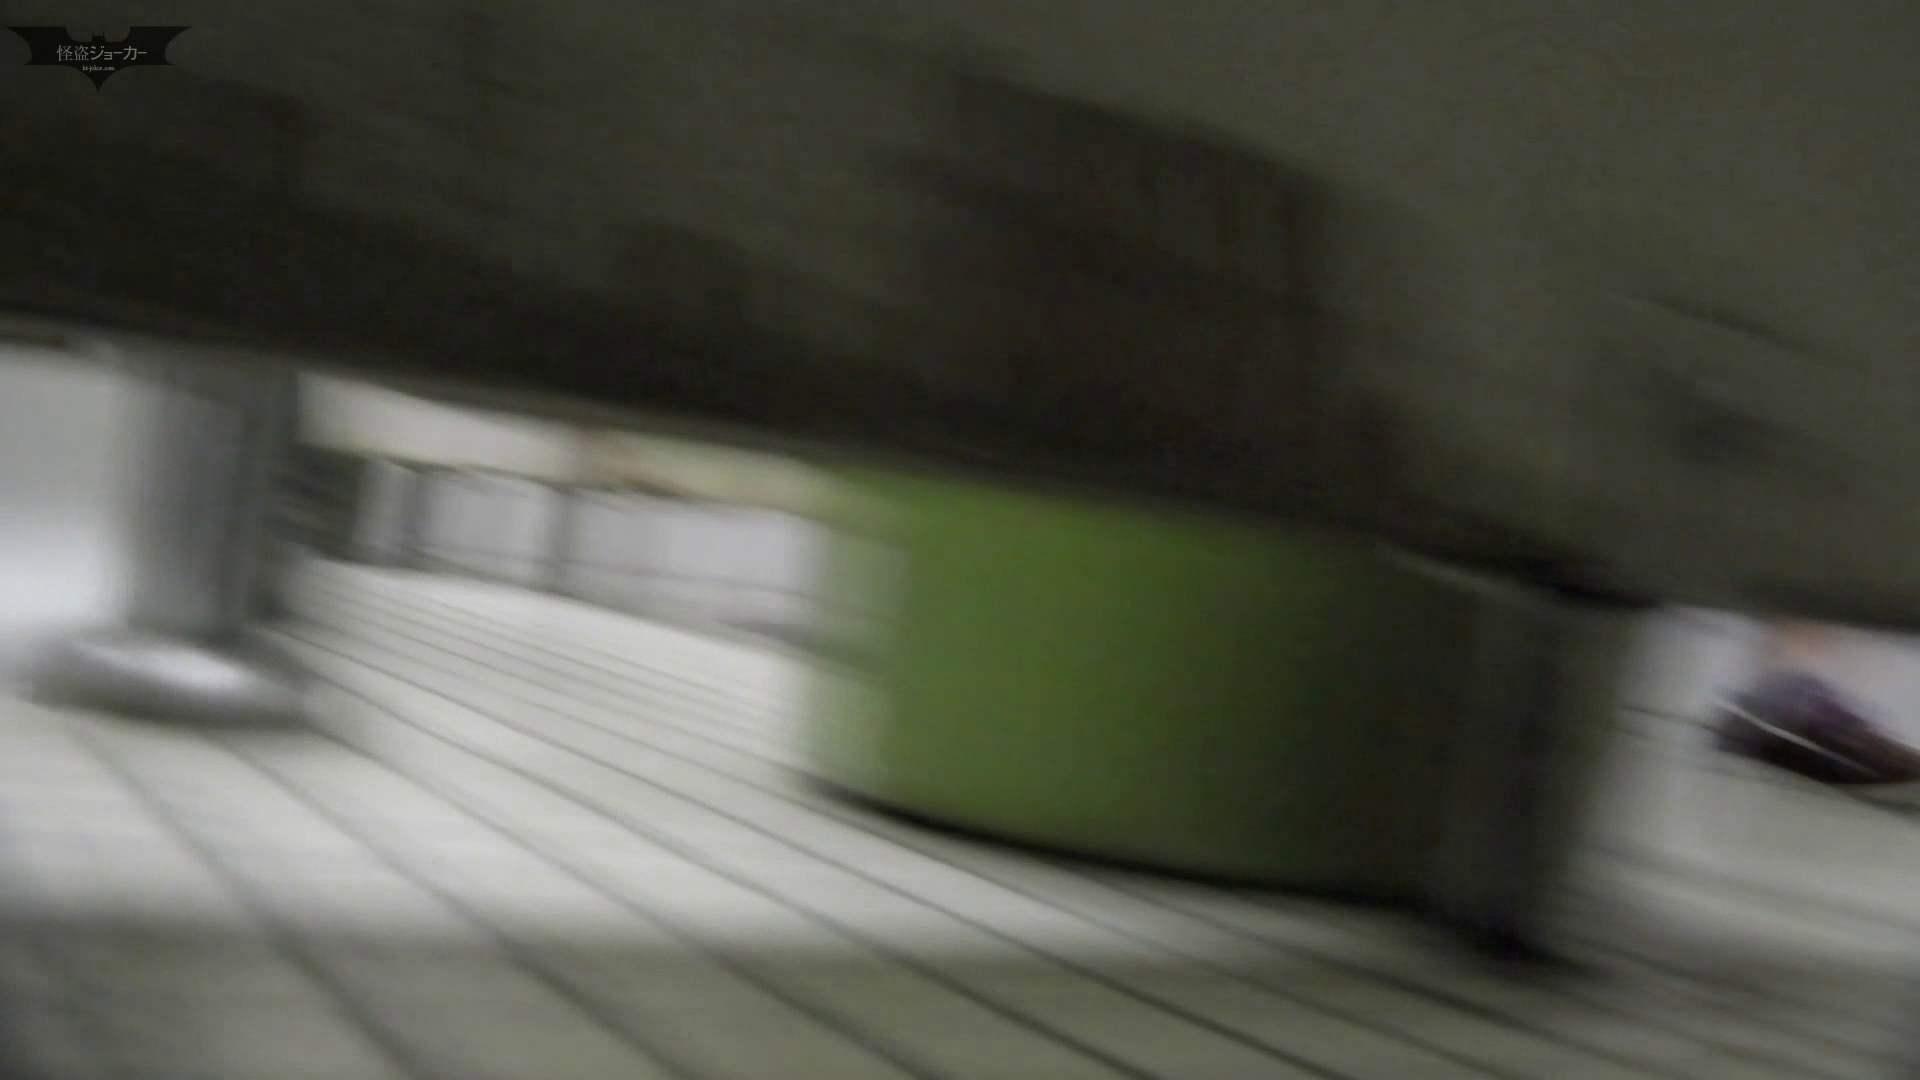 洗面所特攻隊 vol.58驚異のしまり、【2015・25位】 洗面所  41連発 8